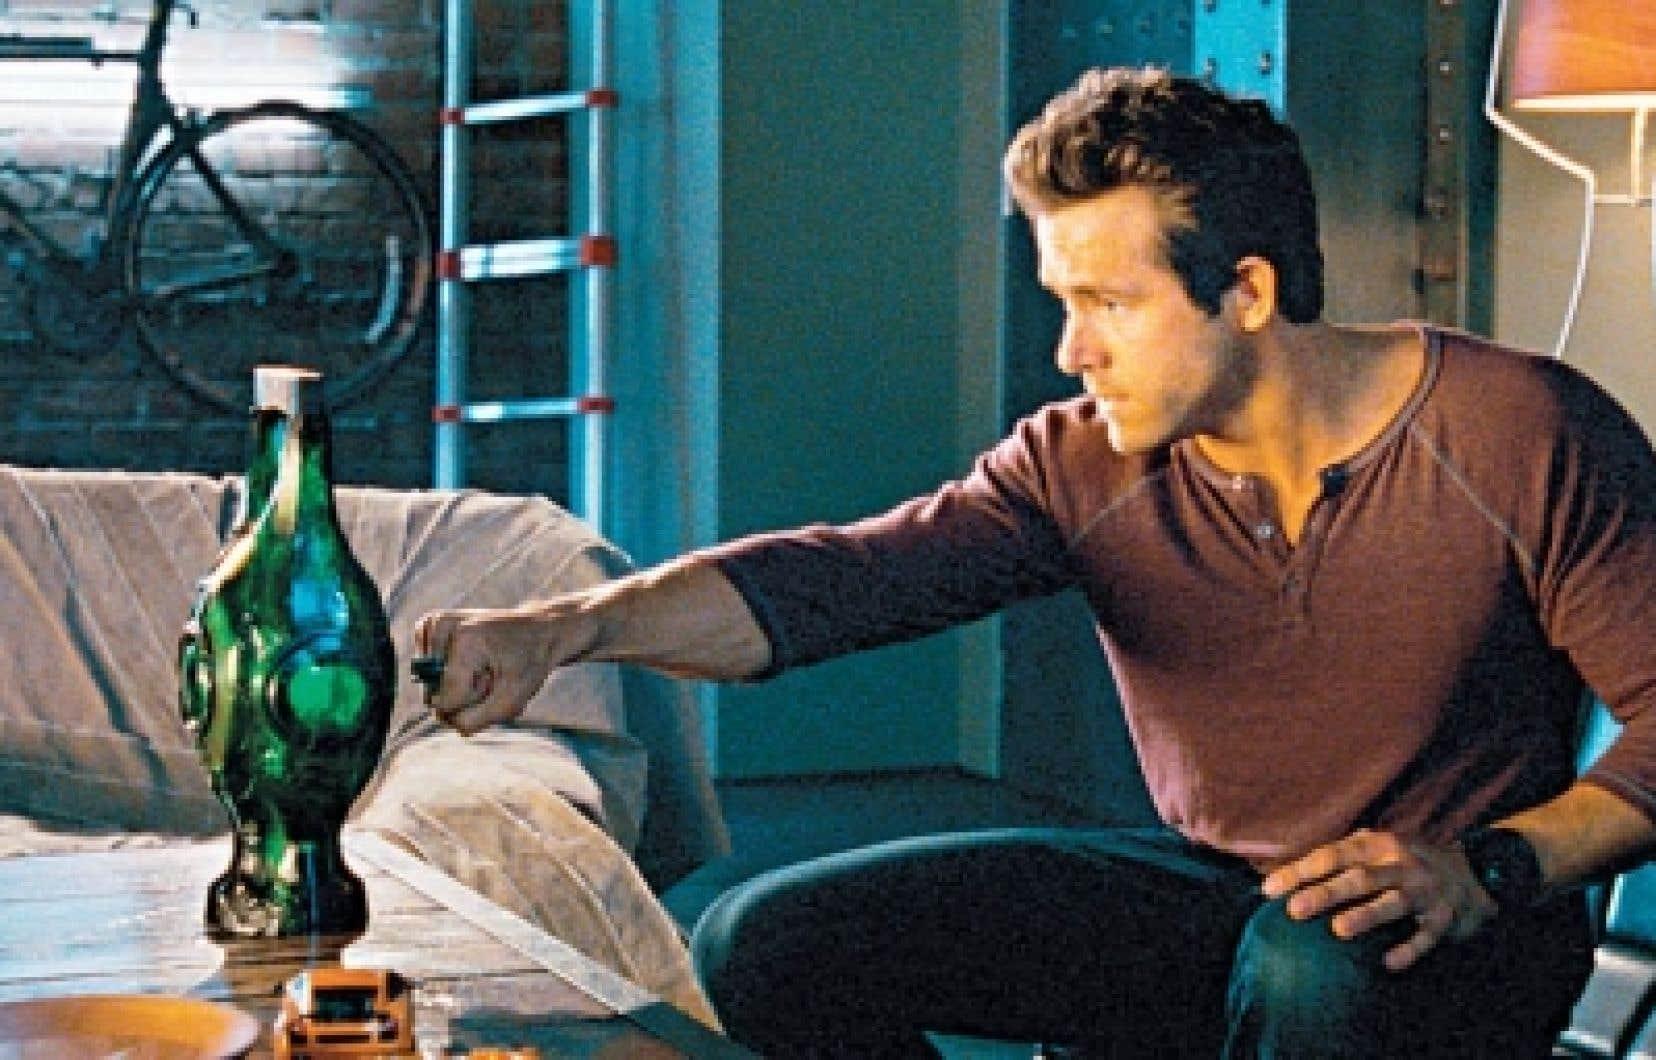 Parmi tous les êtres qui peuplent les milliards de galaxies connues et inconnues, le gardien de l'univers le plus valeureux de tous se révélera être un humain, joué par Ryan Reynolds.